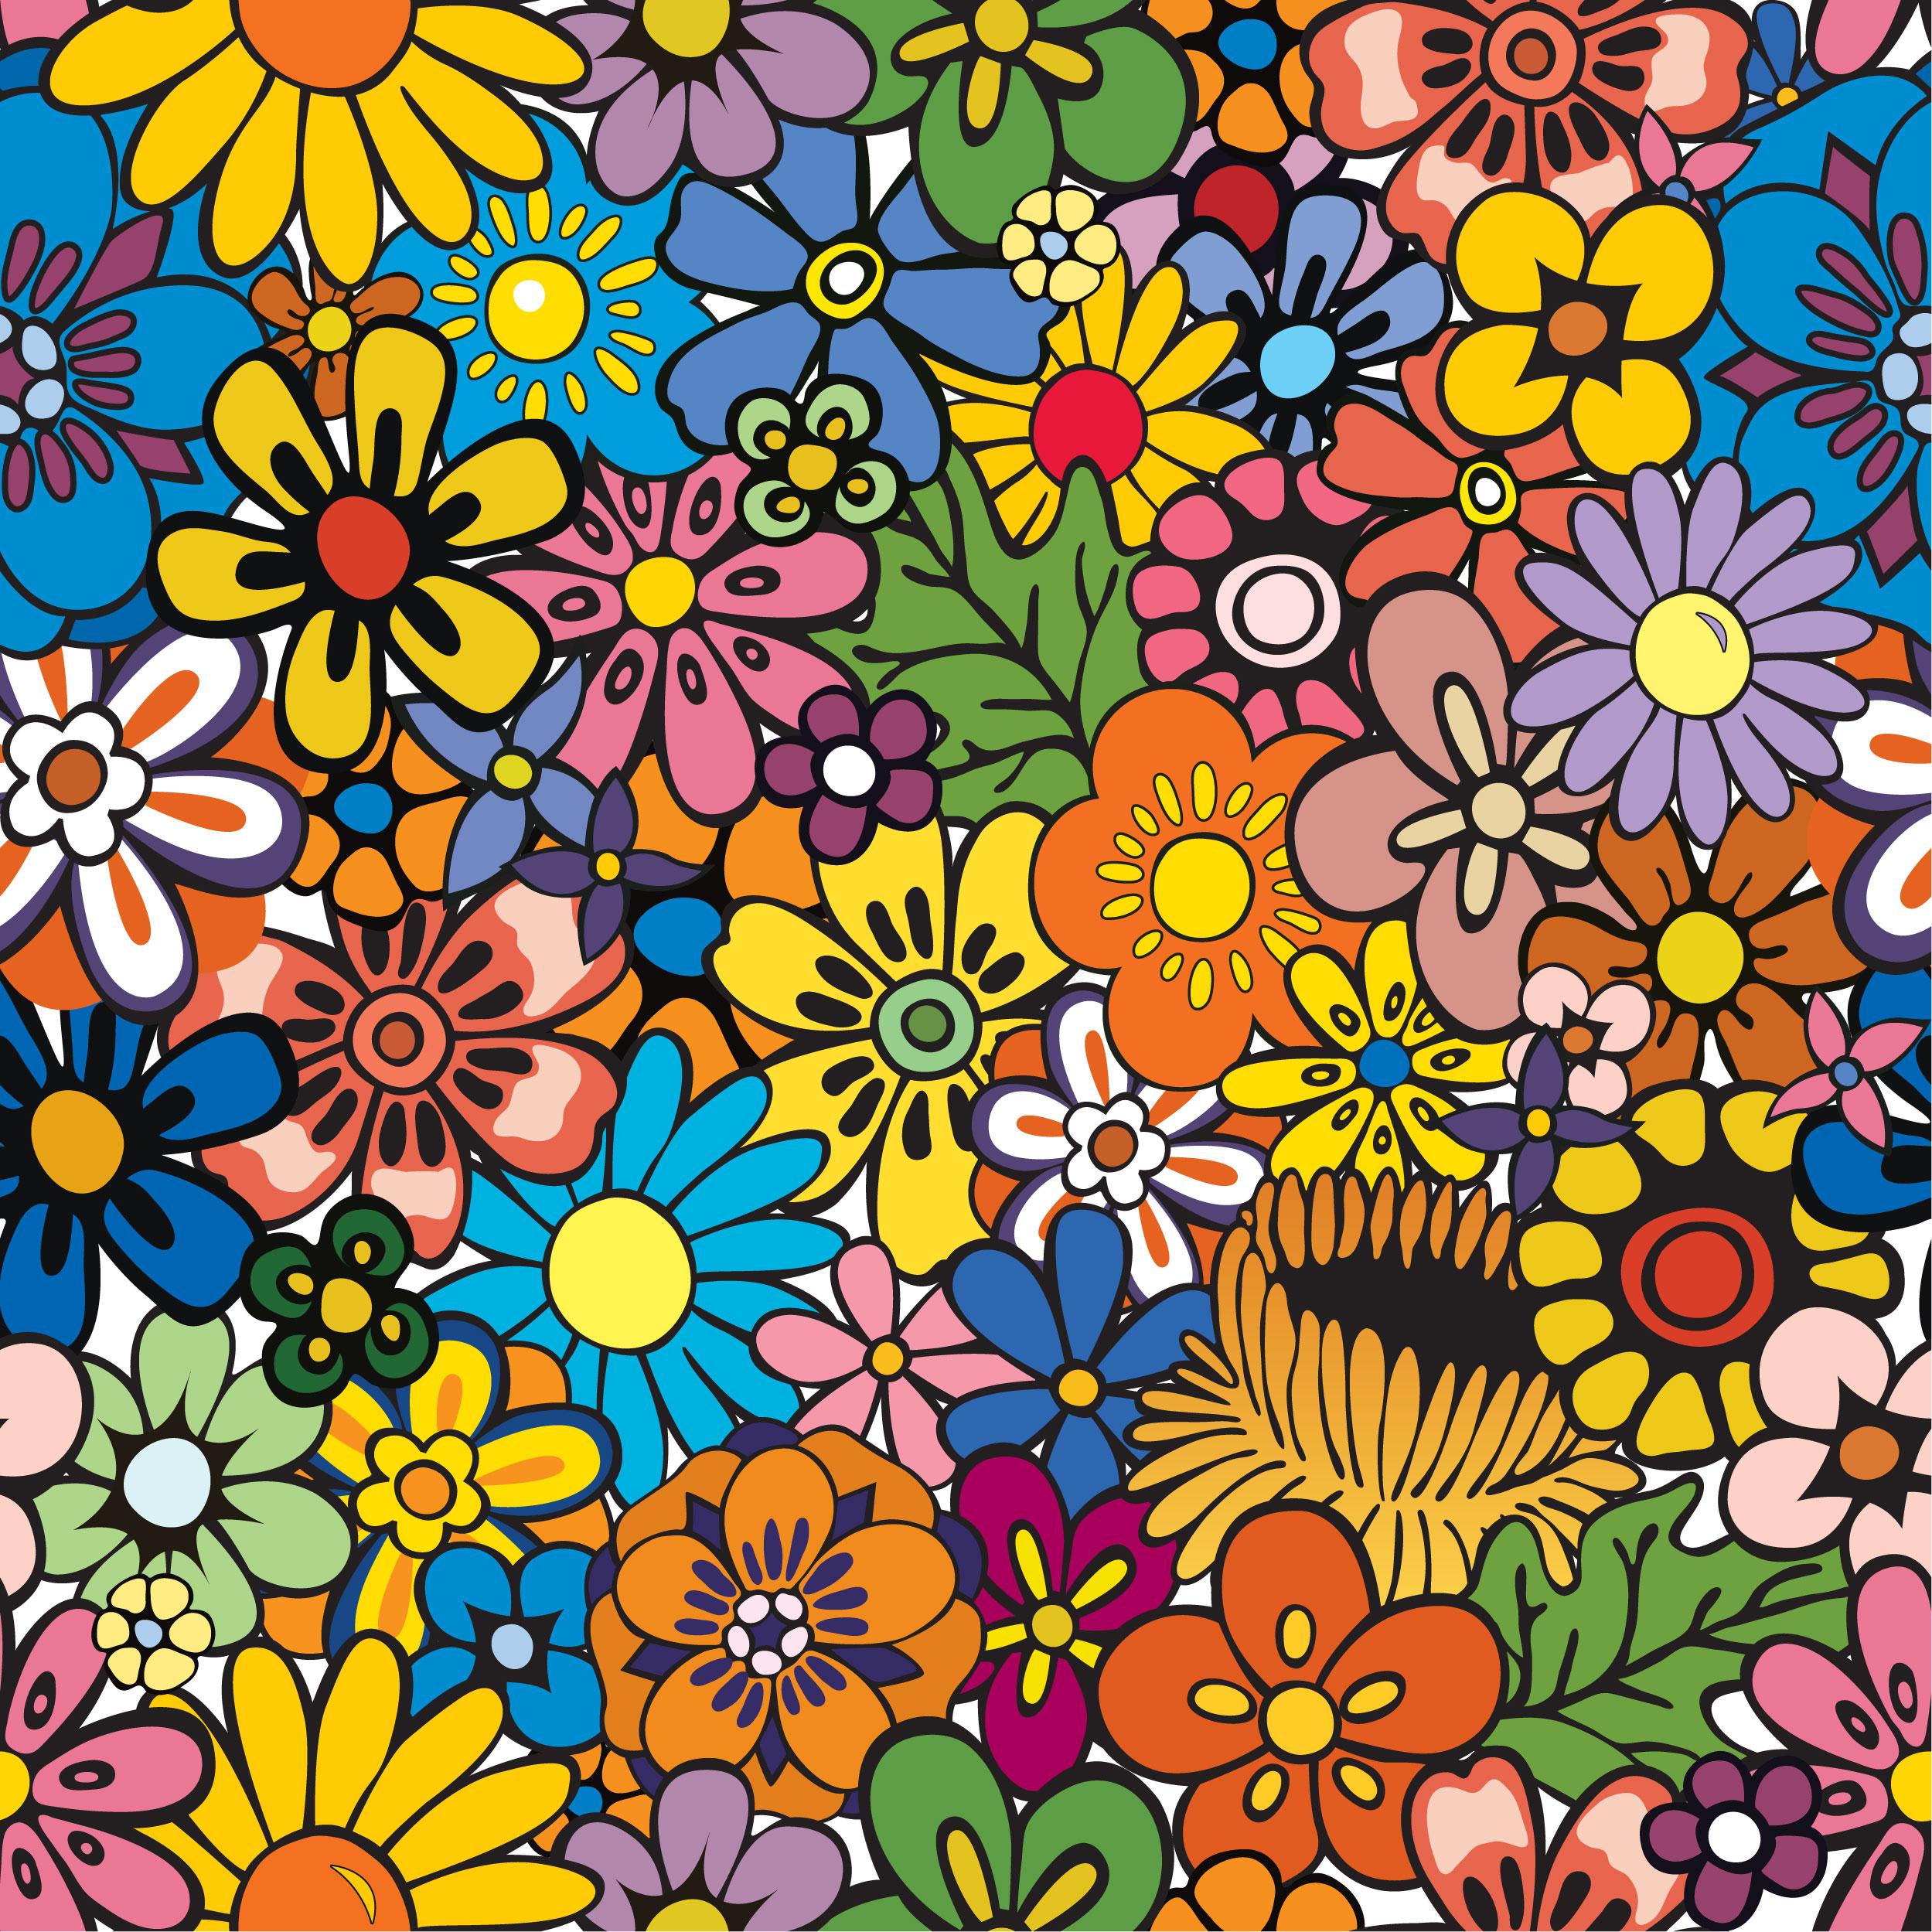 壁紙 背景イラスト 花の模様 柄 パターン No 121 カラフル